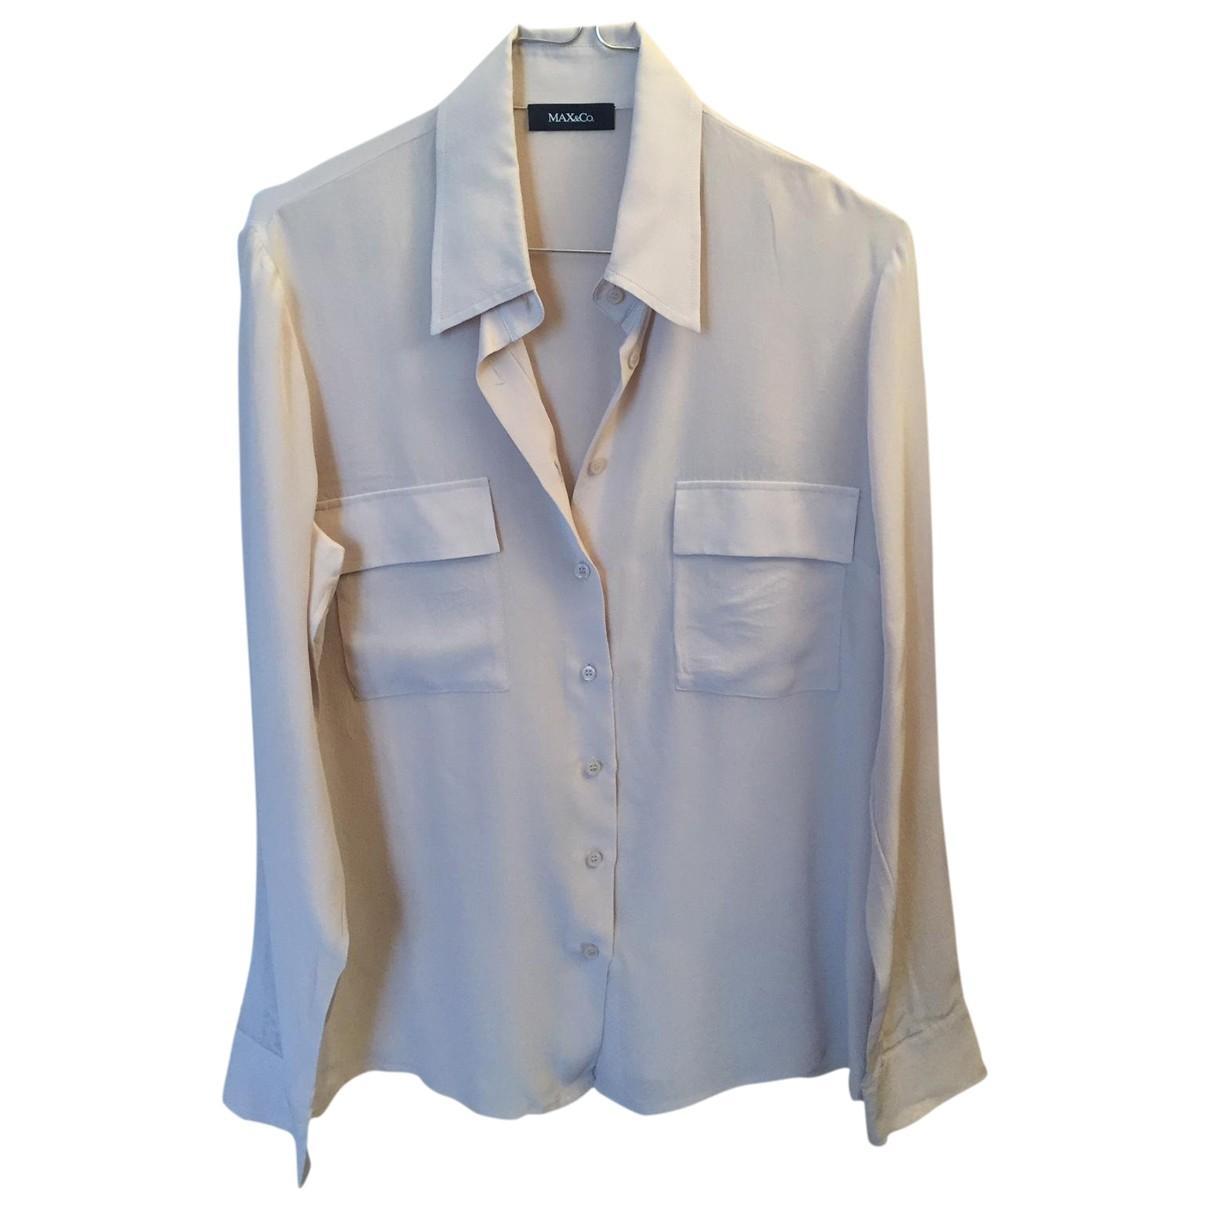 Max & Co \N Beige Silk  top for Women 40 IT